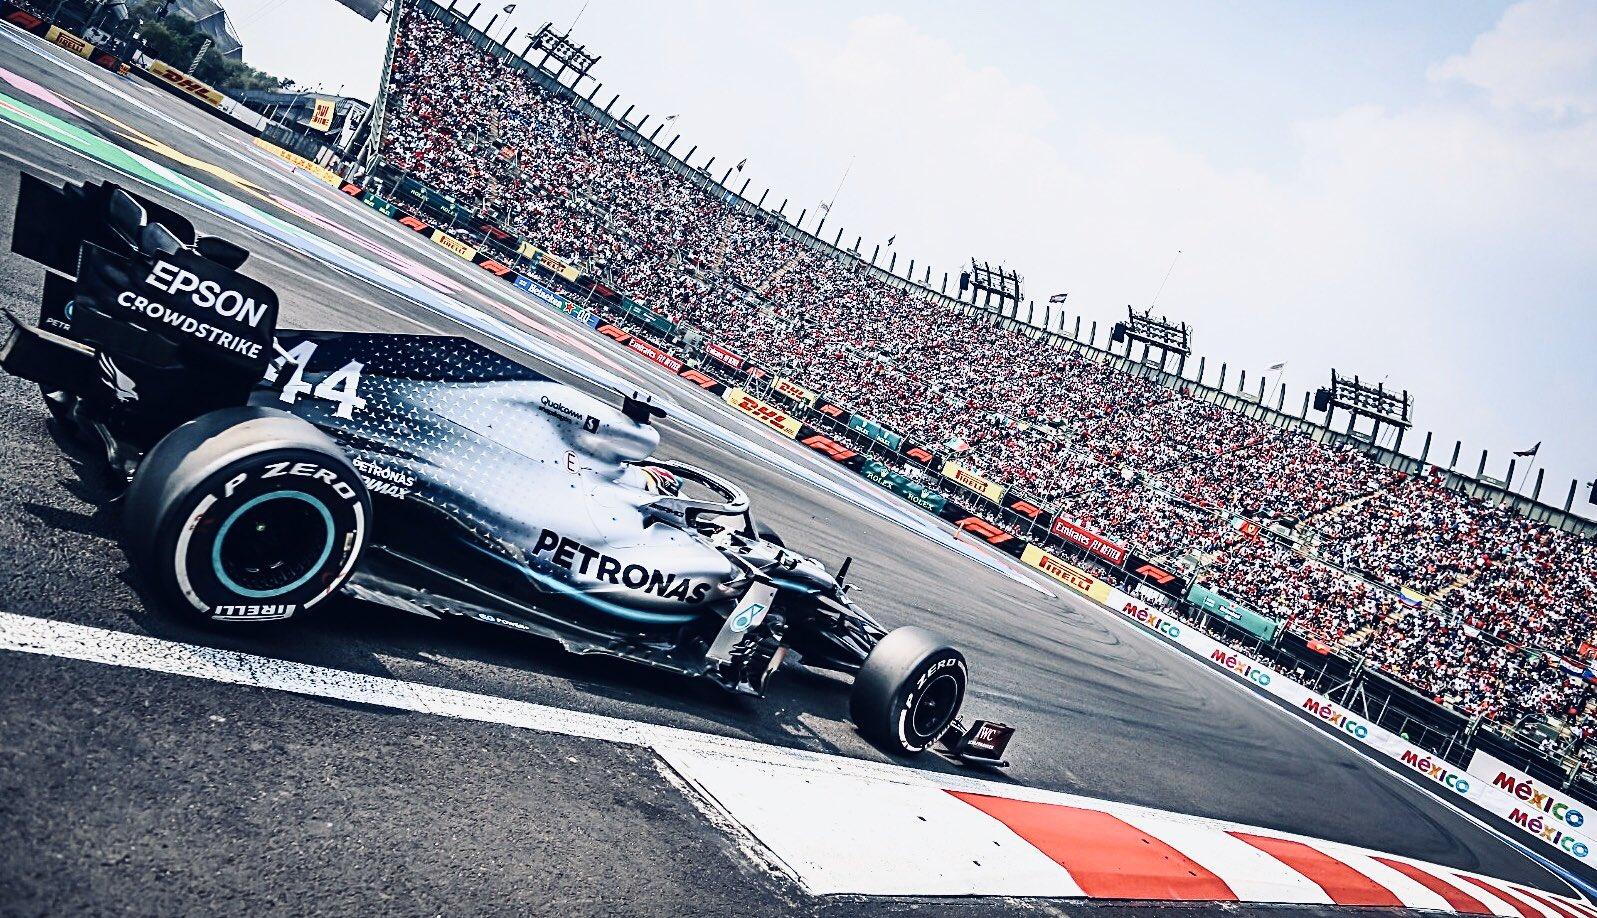 Poco antes de la primera curva después de la largada. Encabezan las Ferrari y Verstappen amaga ganarle el tercer lugar a Hamilton, aunque luego vendría el roce que lo mandaría 8º al cabo del primer giro...